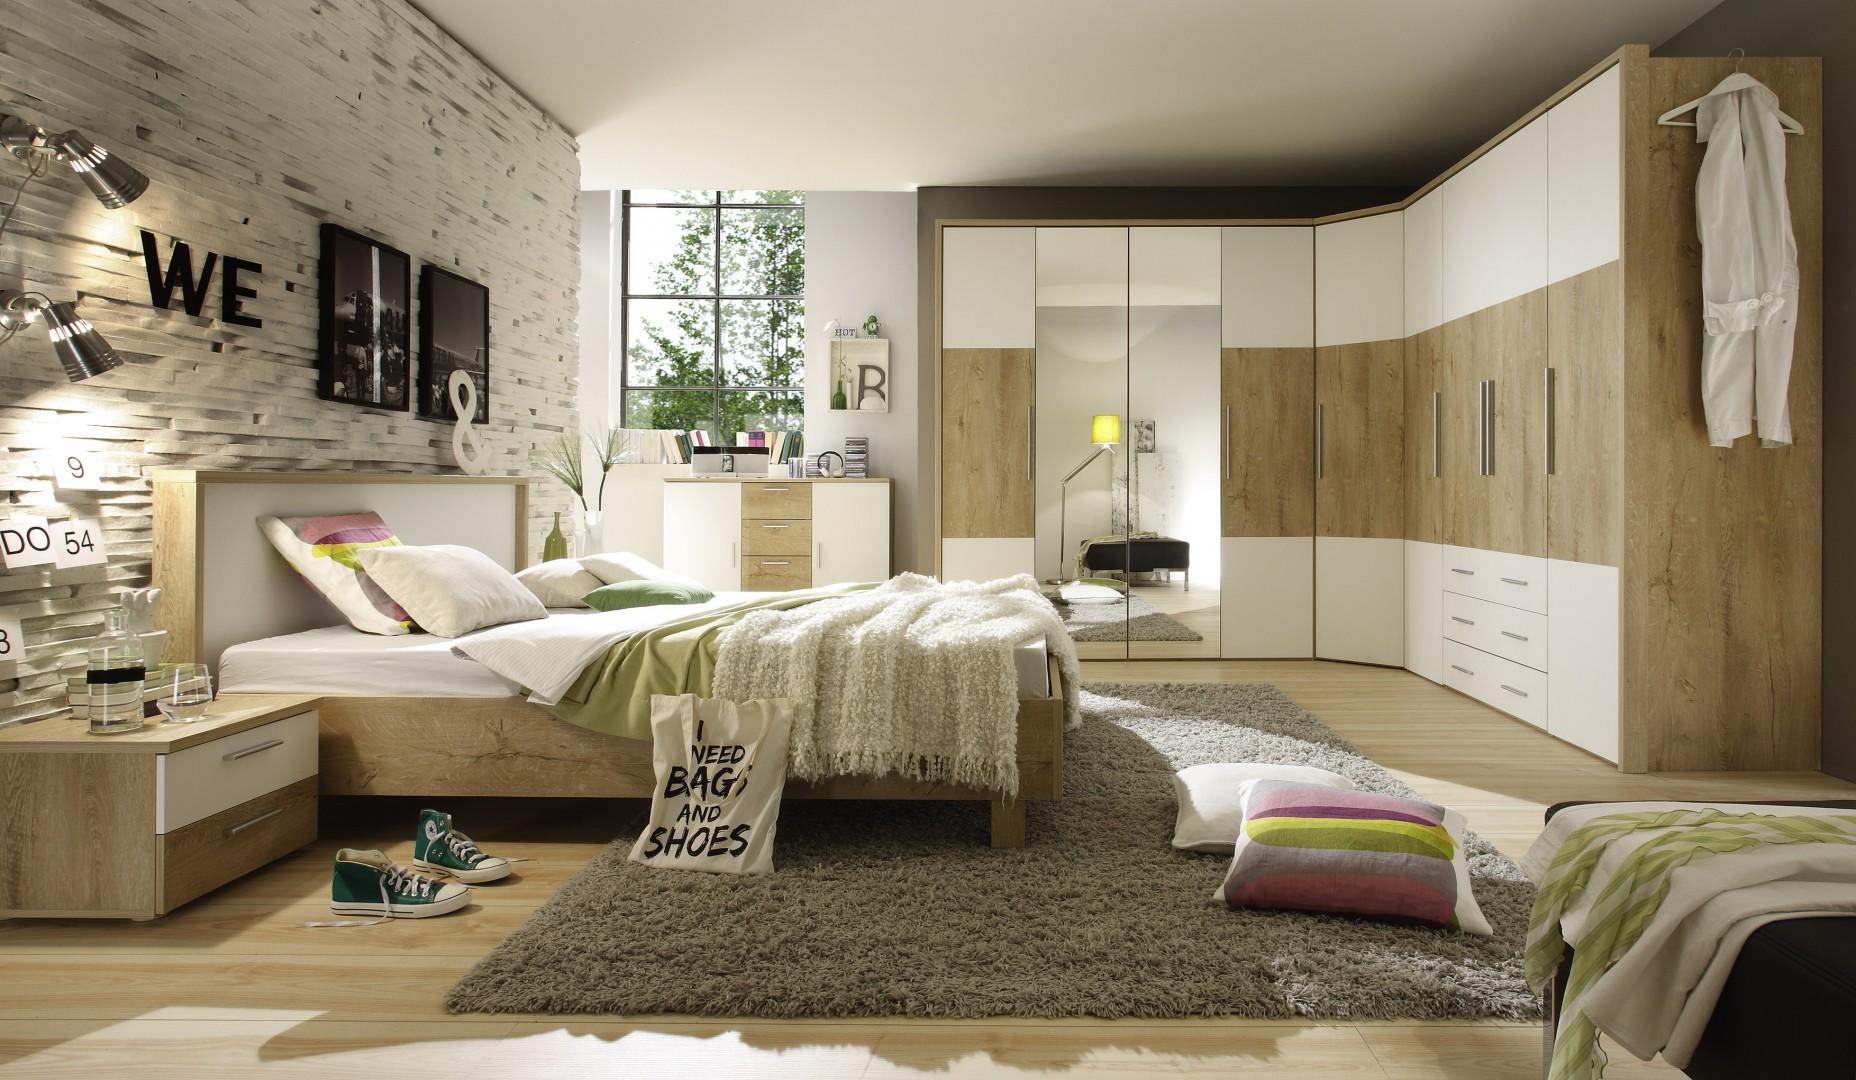 """Dużym zainteresowaniem w sypialniach cieszą się m.in. szafy, które można ciekawie zestawiać, tworząc np. kombinacje narożne. Na zdjęciu – sypialnia """"Helios"""" firmy Helvetia Wieruszów. Fot. Helvetia Wieruszów"""